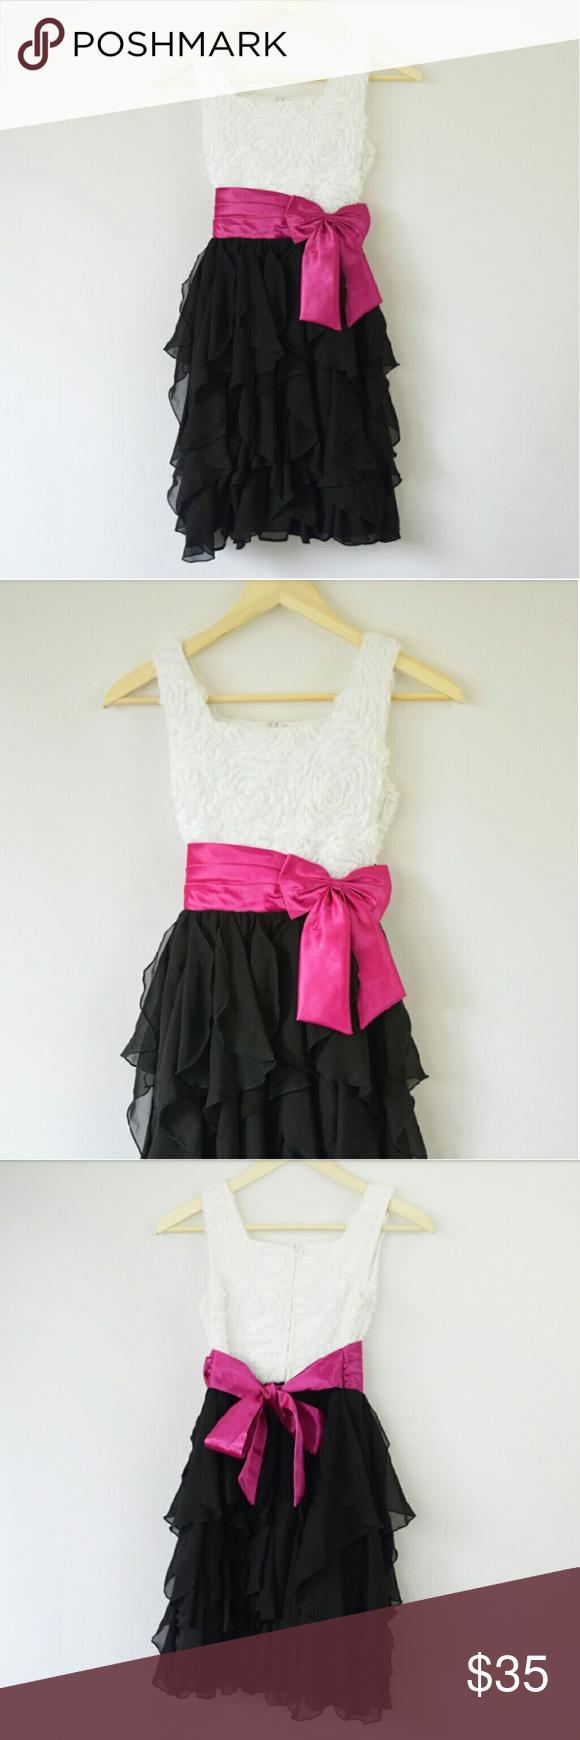 Black white ruffle dress pink ribbon bow kids ruffle formalu and